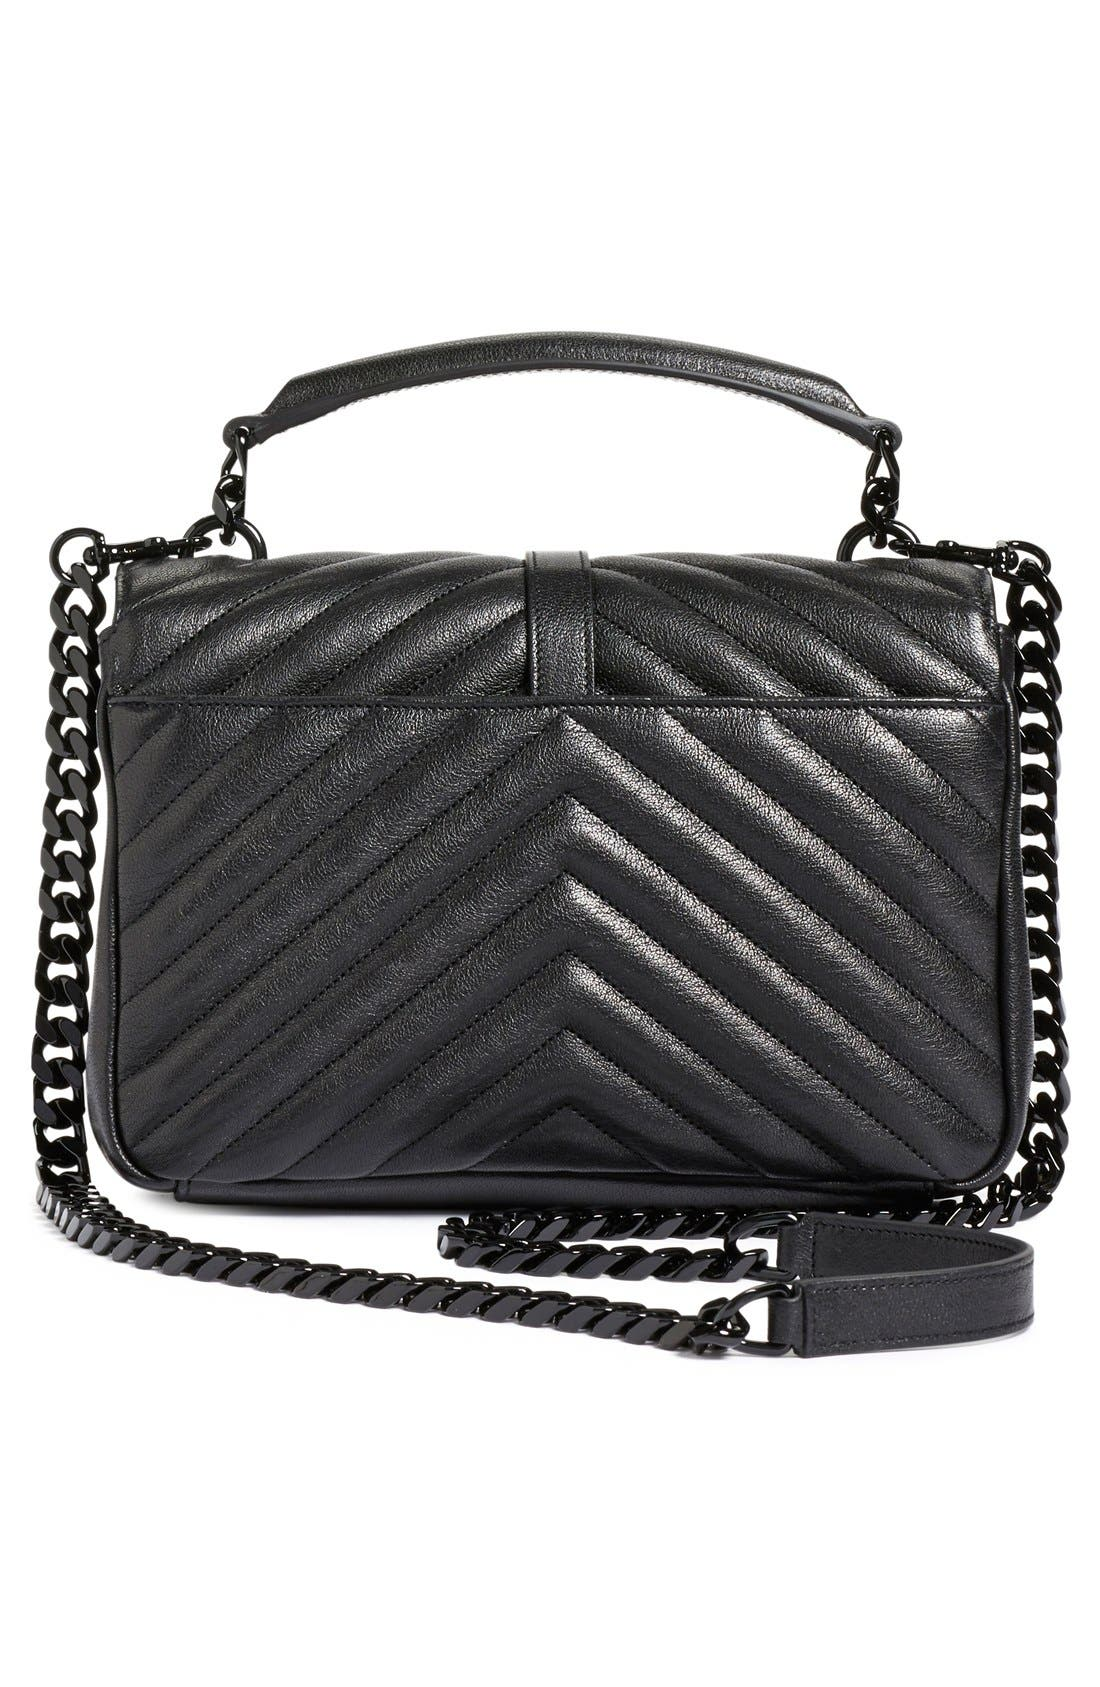 Alternate Image 3  - Saint Laurent 'Medium College' Quilted Leather Shoulder Bag